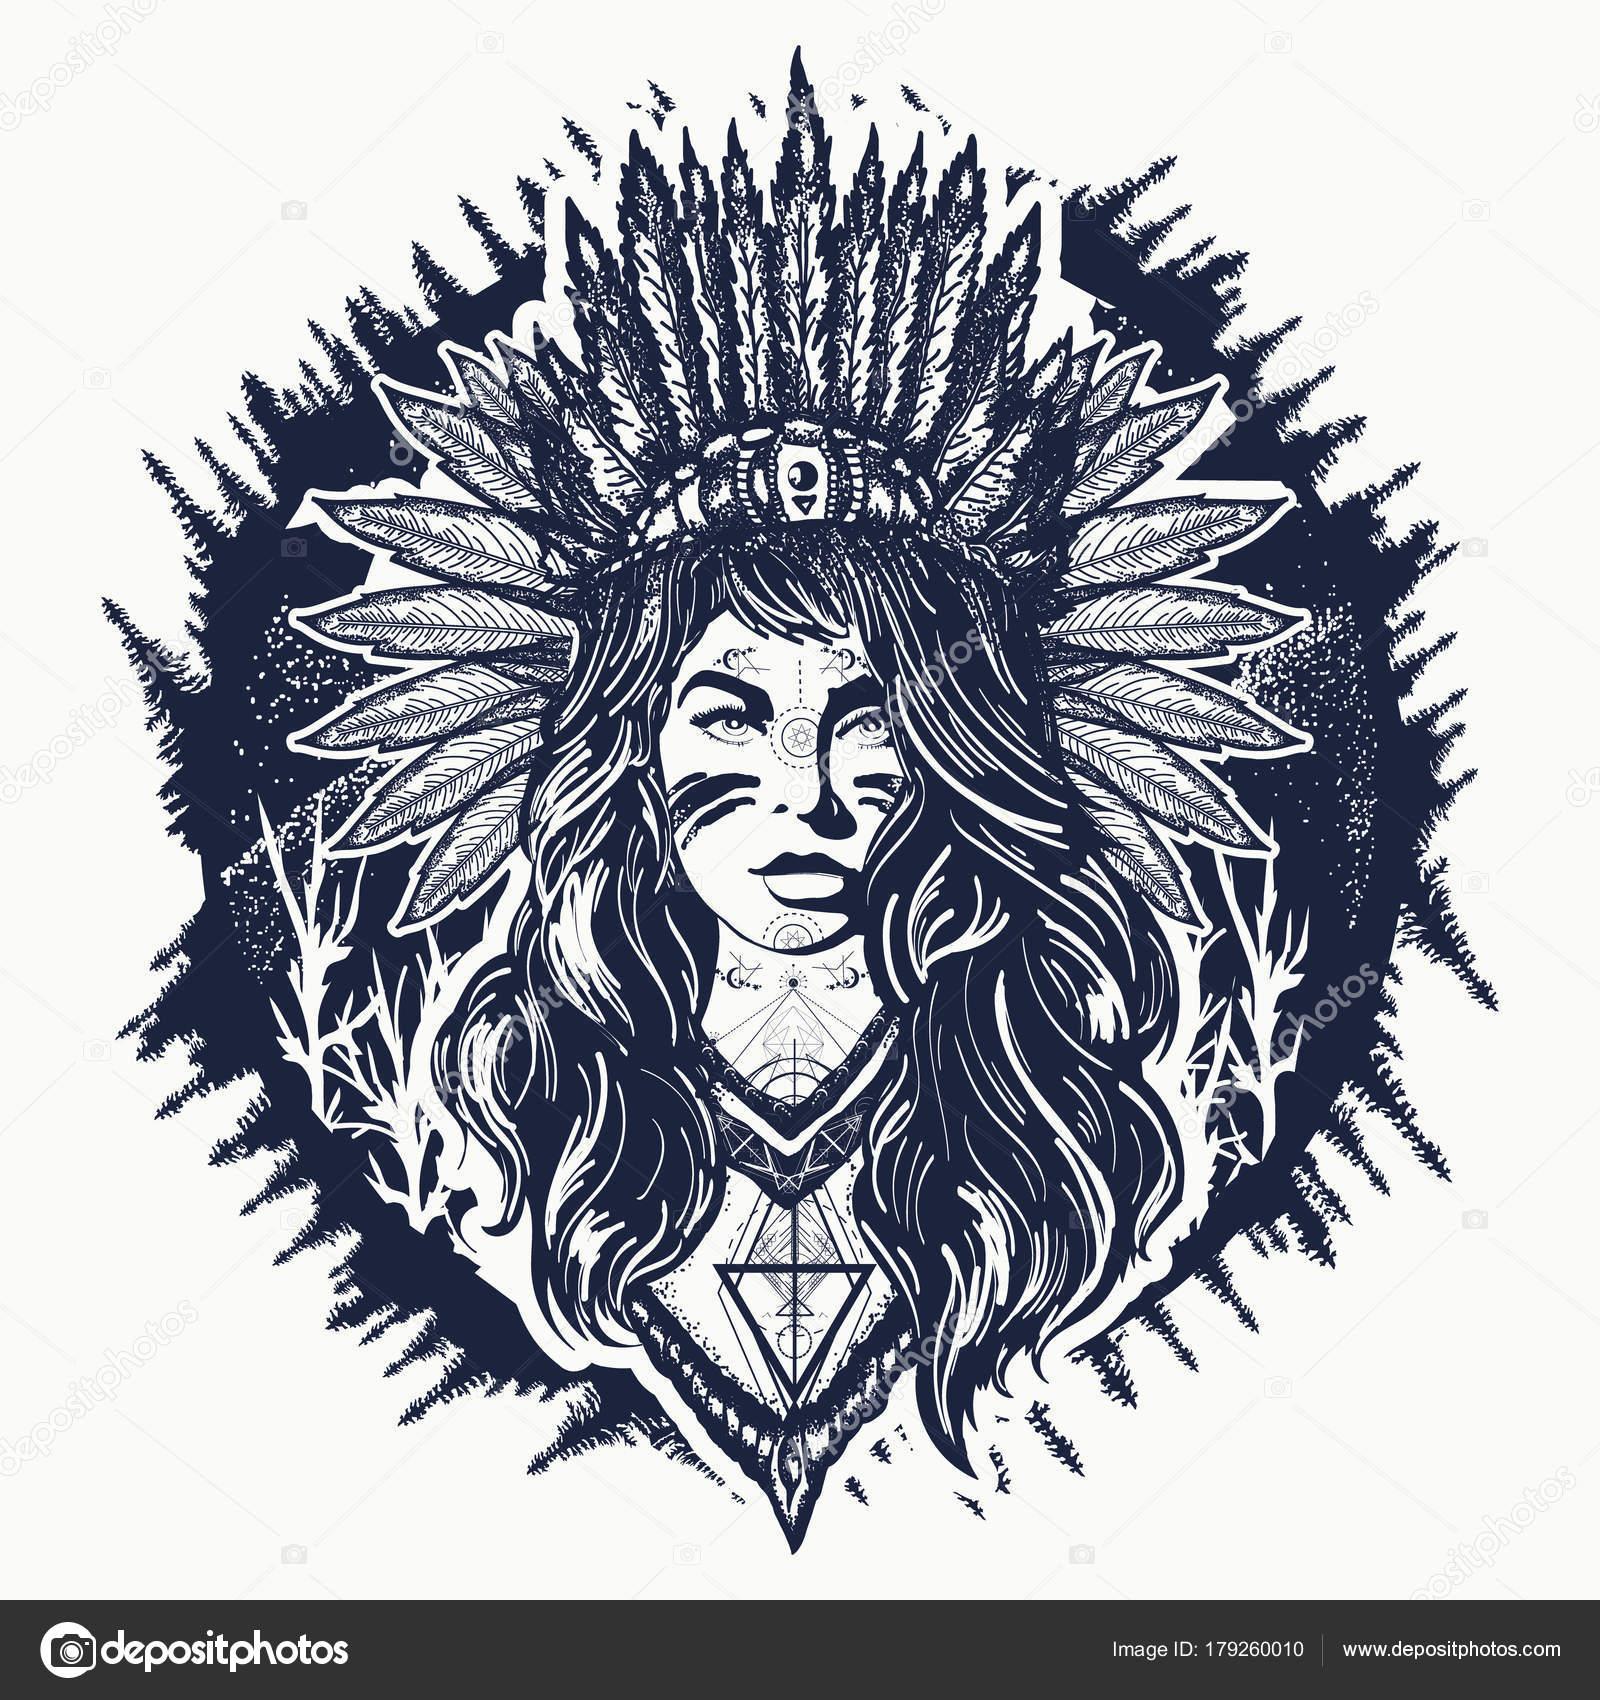 Dibujos Guerreras Indias Diseño De Tatuaje Y Camiseta Mujer